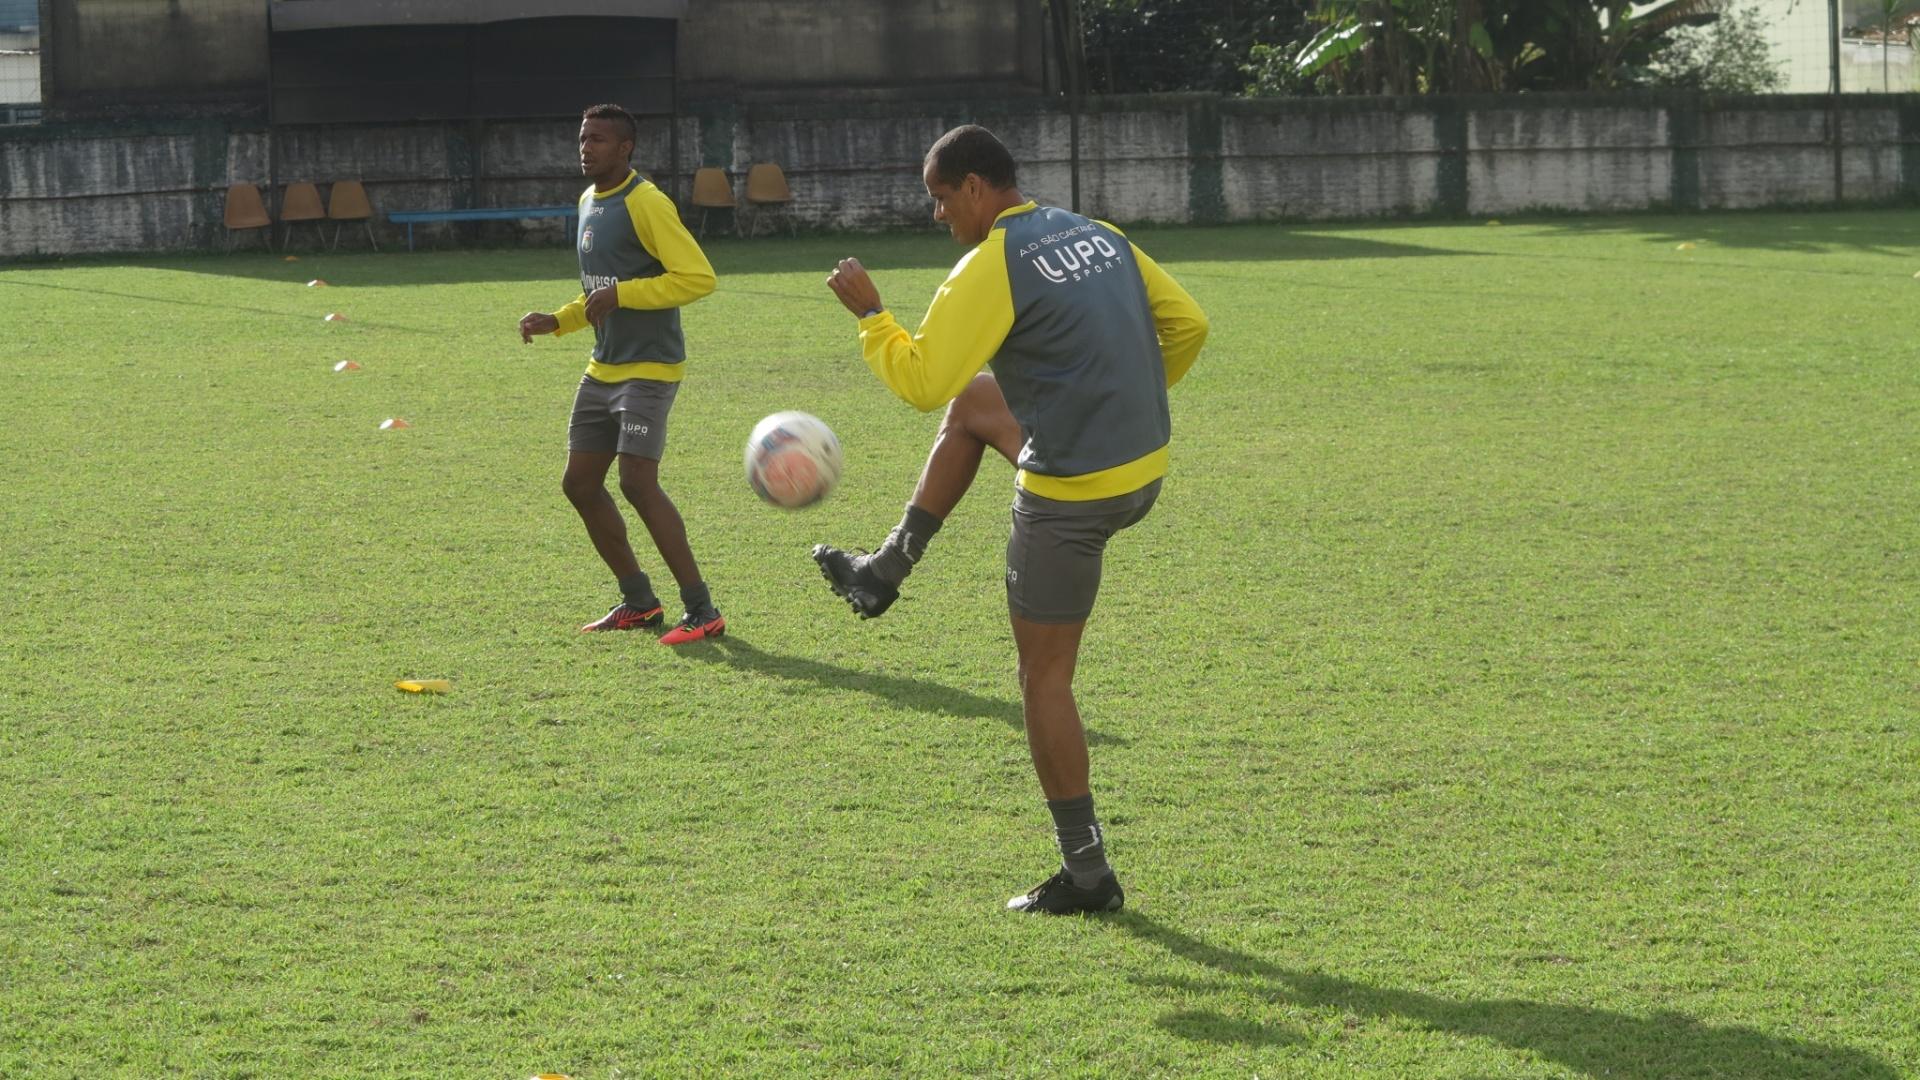 Com Rivaldo, o clube caiu para a segunda divisão do Campeonato Paulista